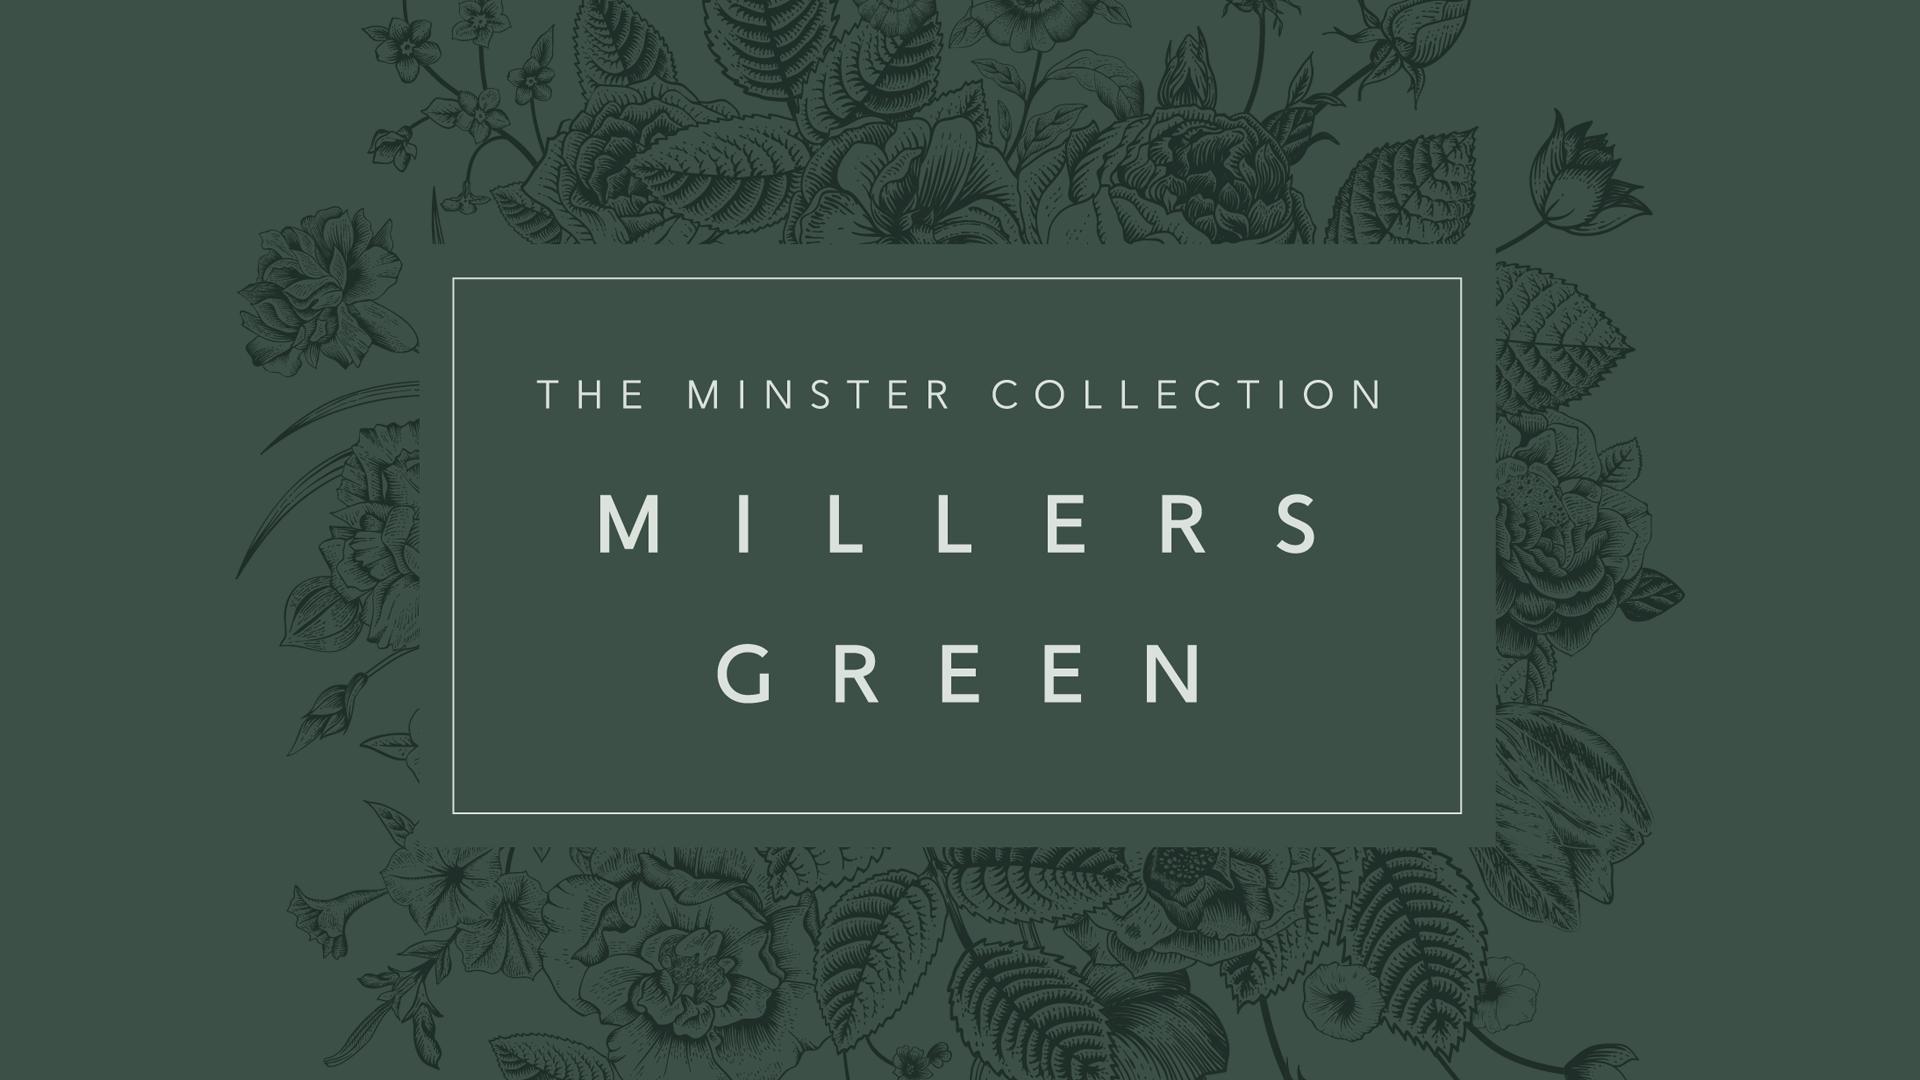 img-rose-nh-millersgreen-minster-01